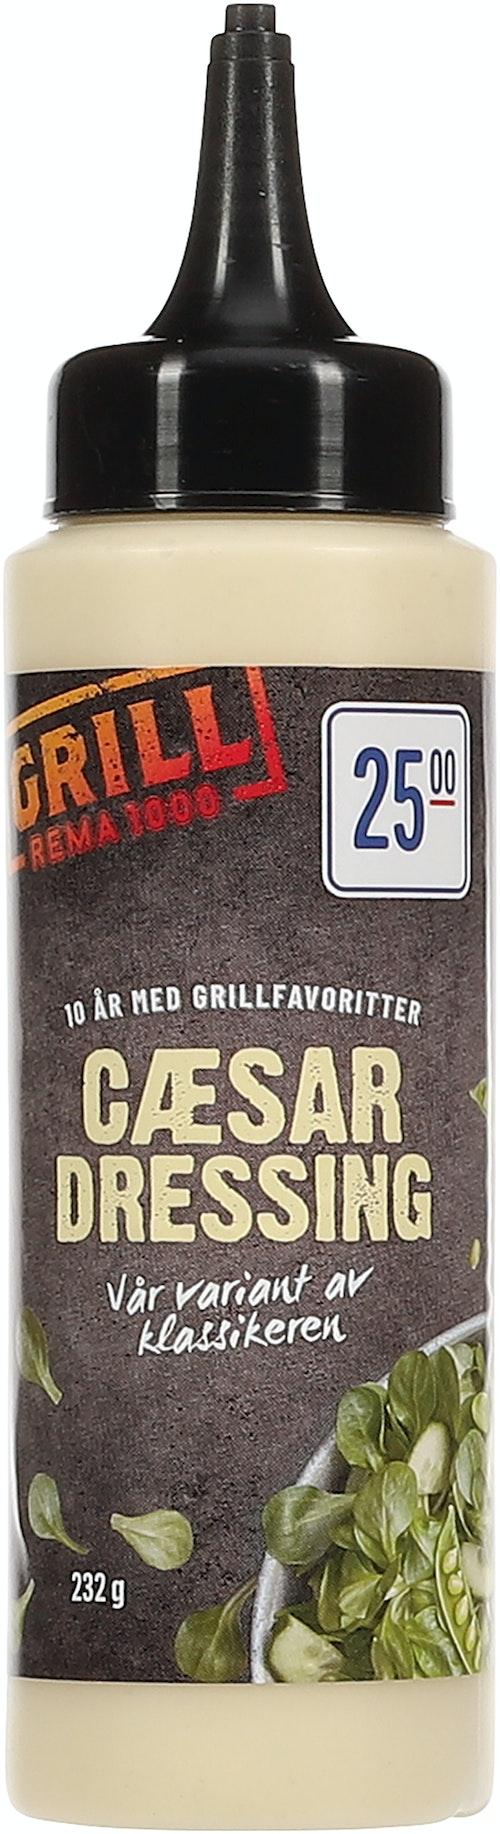 REMA 1000 Cæsardressing 232 g